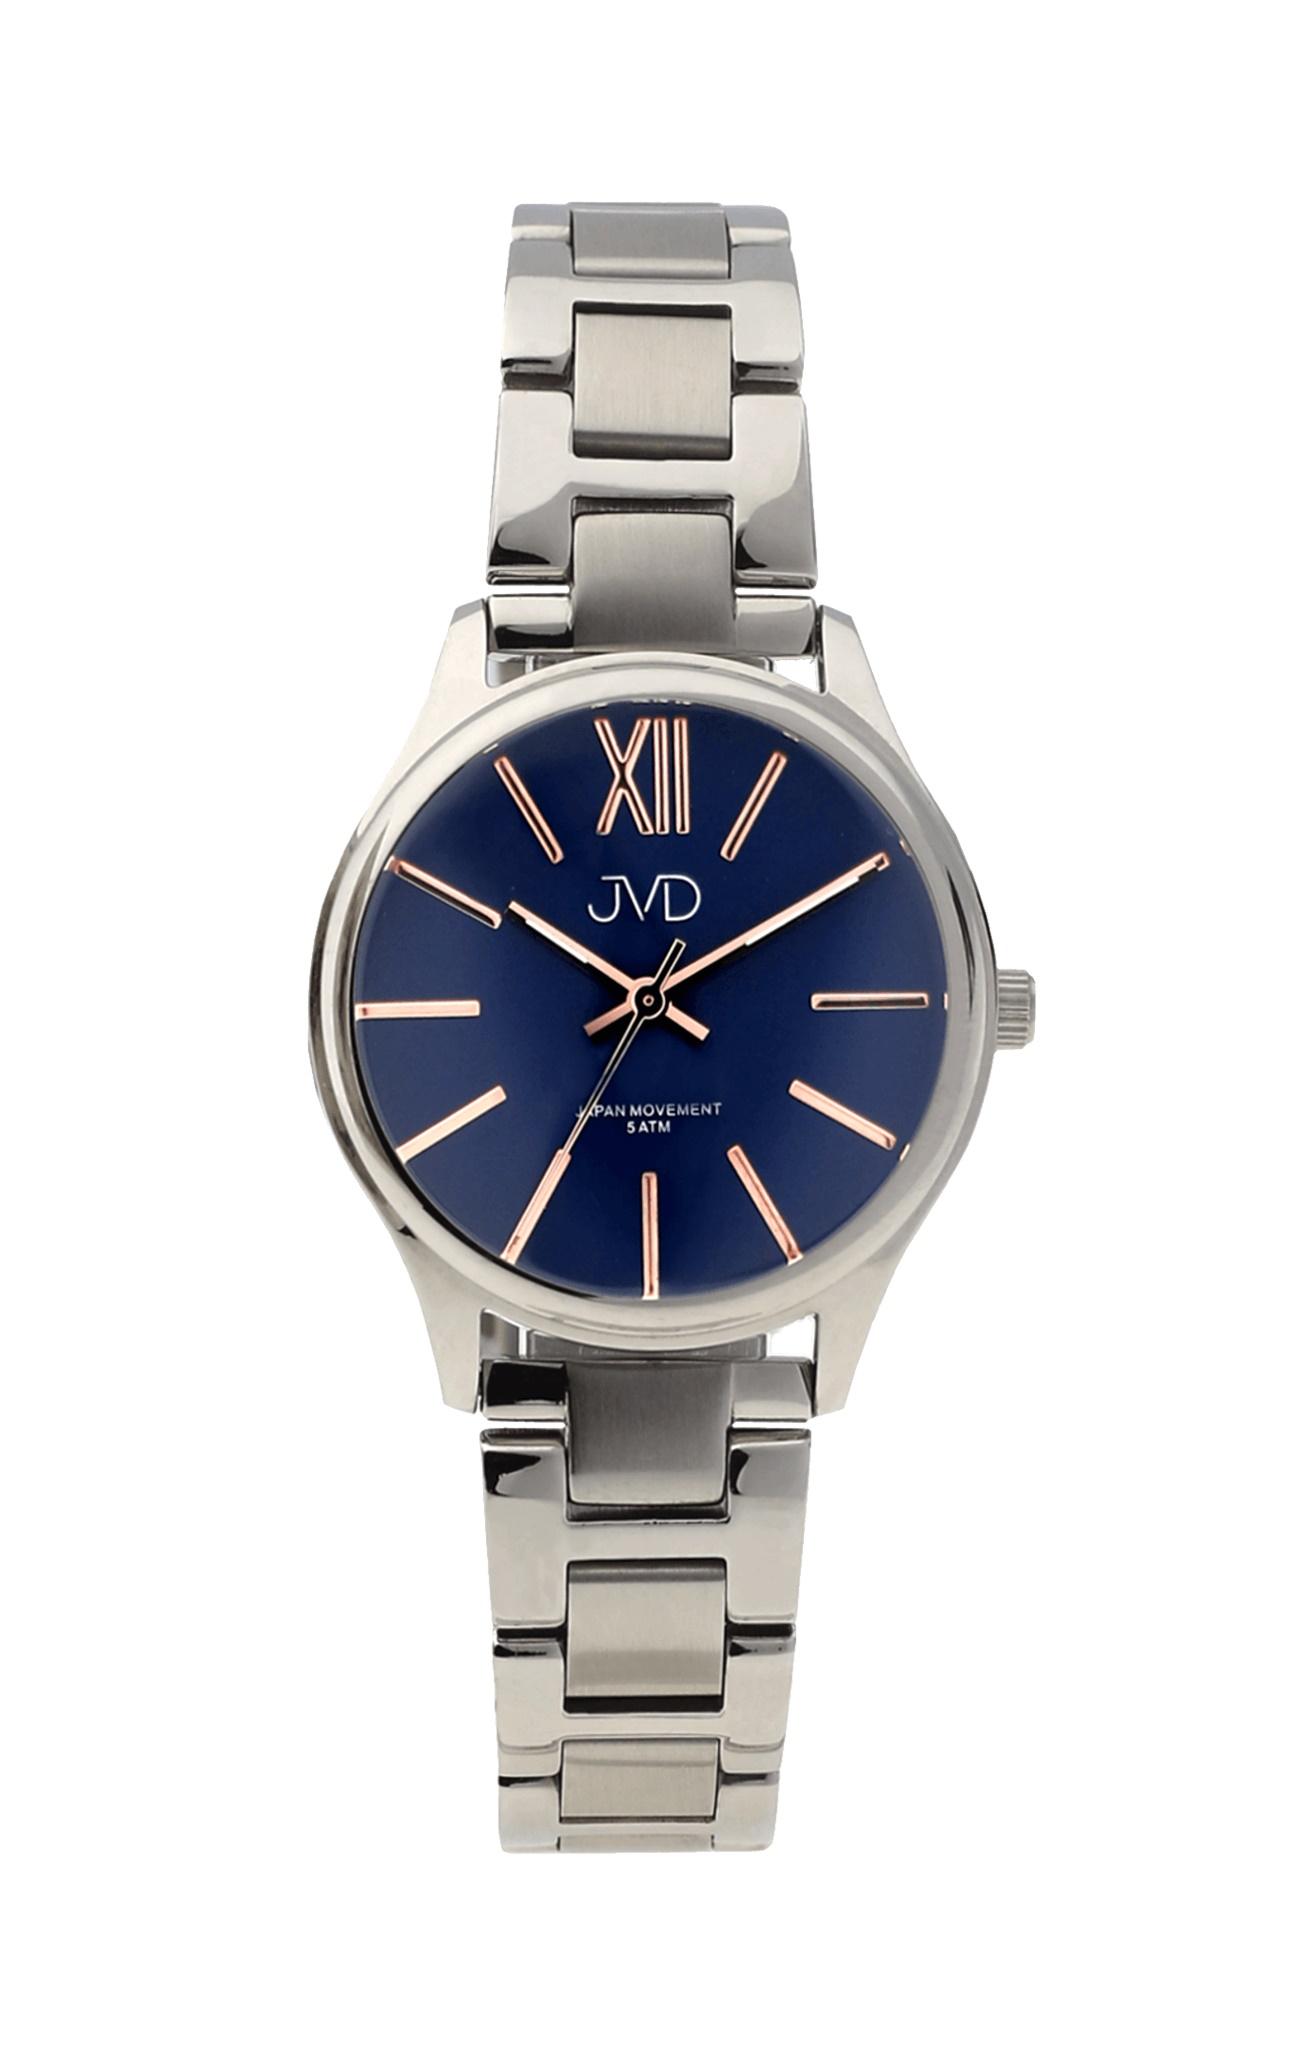 Dámské elegantní ocelové hodinky JVD J4152.1 (POŠTOVNÉ ZDARMA!! - vodotěsnost 5ATM)